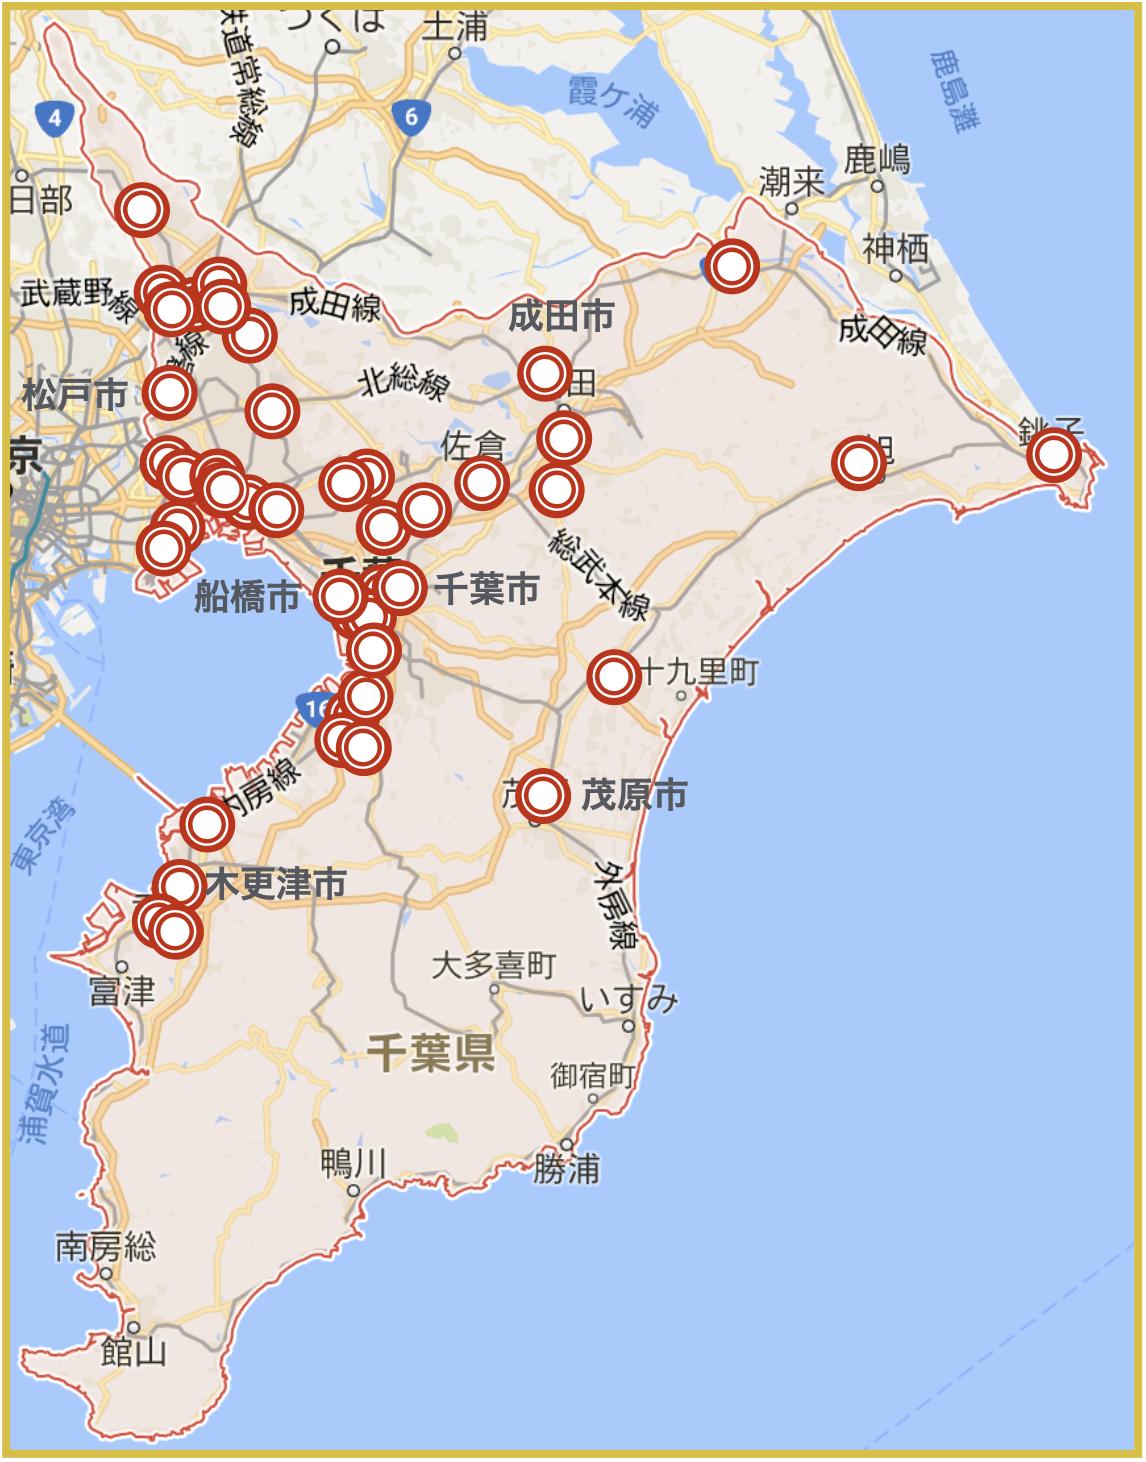 千葉県にあるアコム店舗・ATMの位置(2020年11月版)